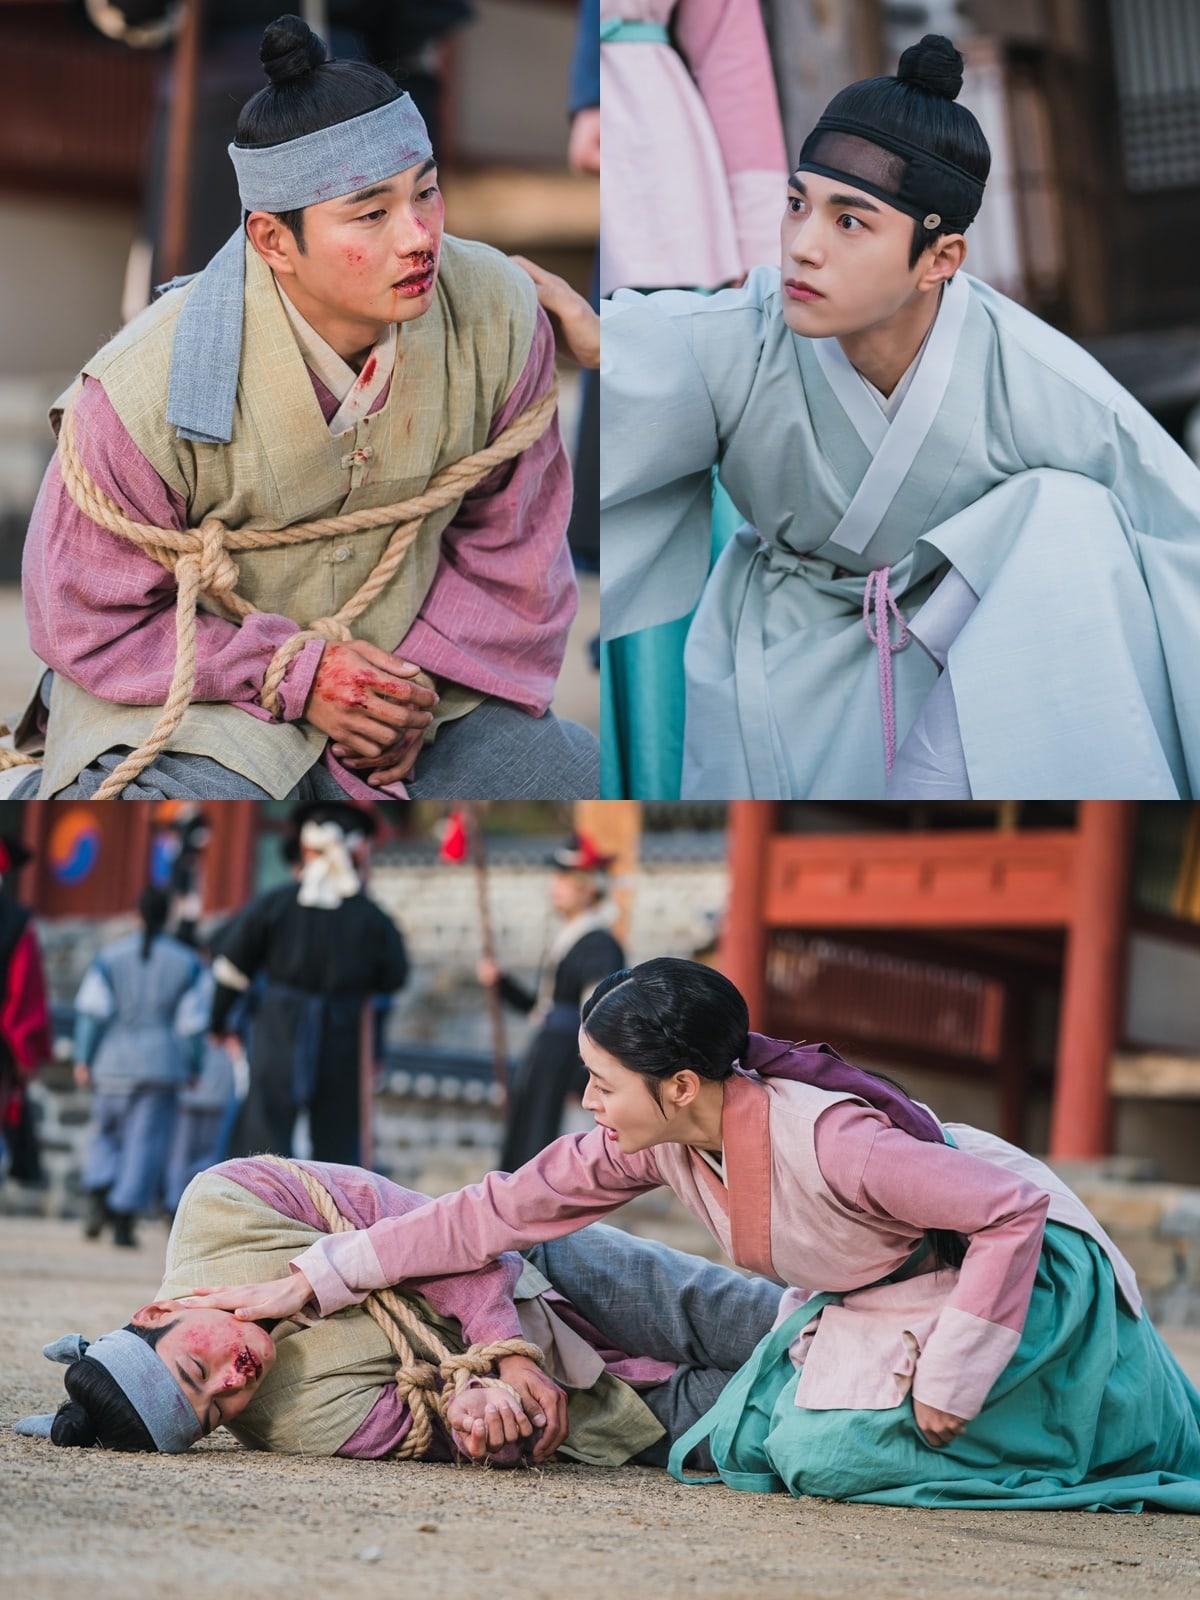 lee yi kyung kim myung soo kwon nara